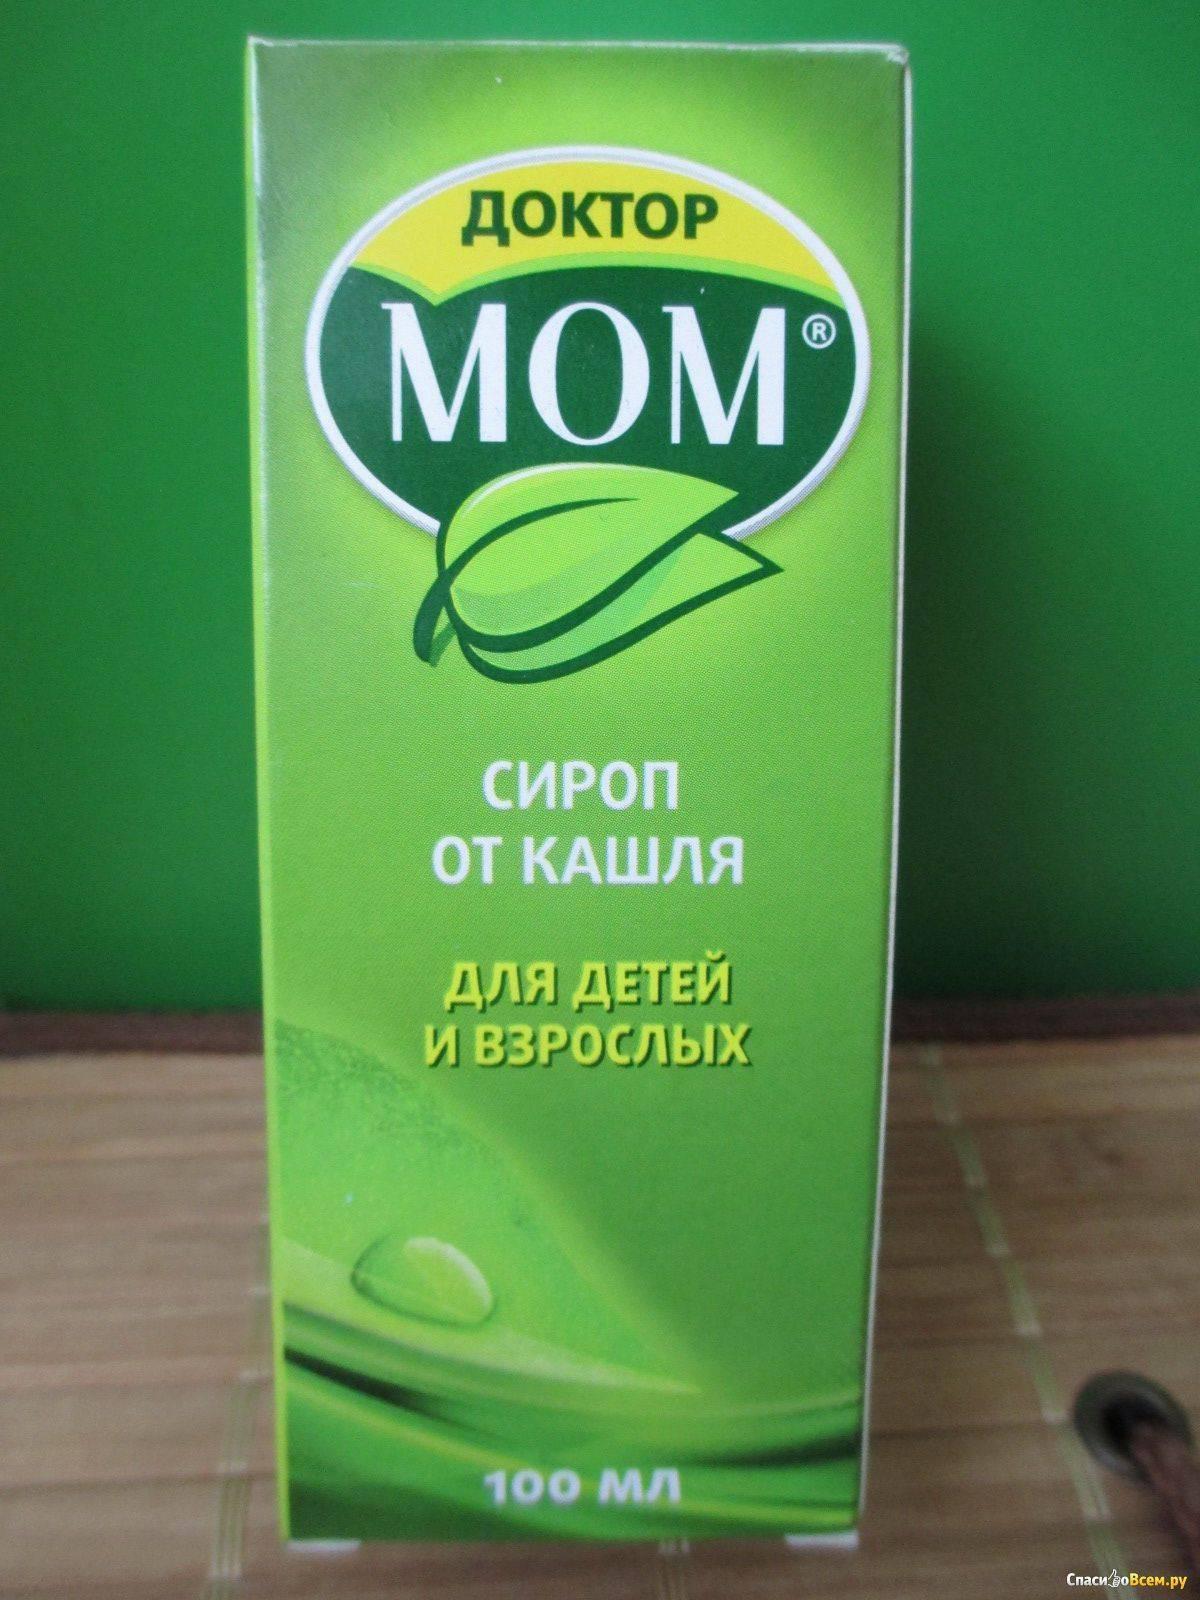 Доктор мом: сироп от кашля. инструкция. для детей и взрослых